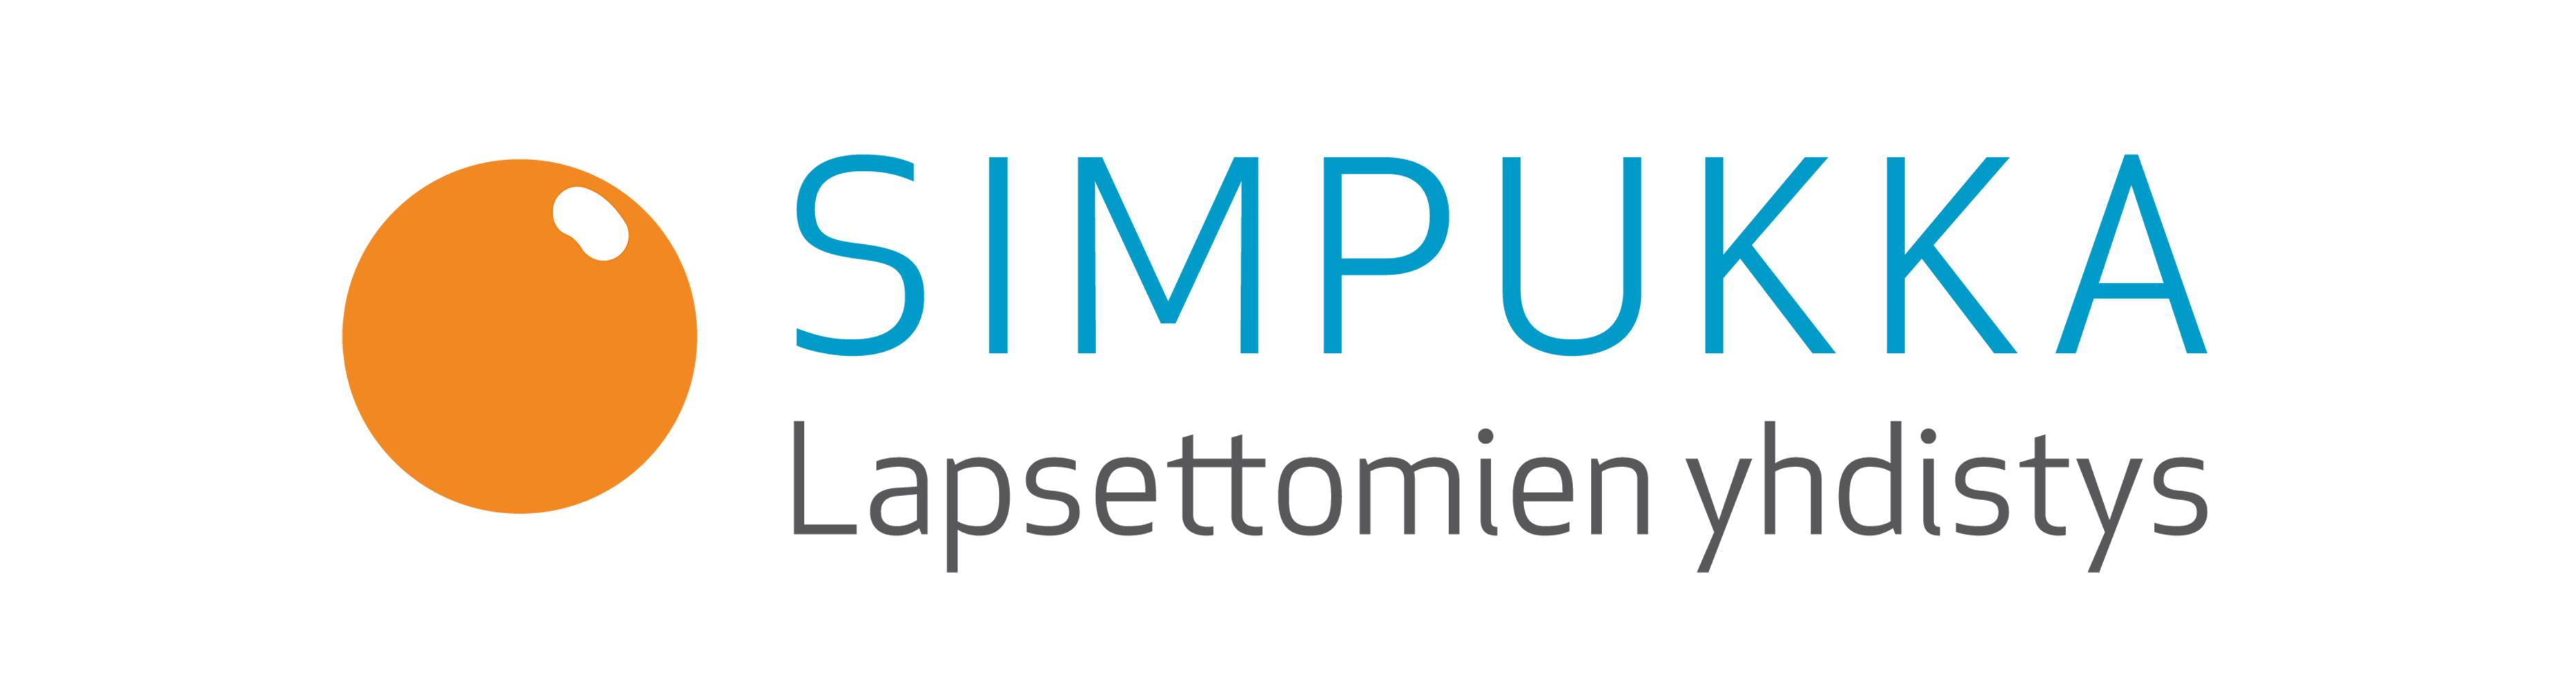 Lapsettomien yhdistys Simpukka ry-logo